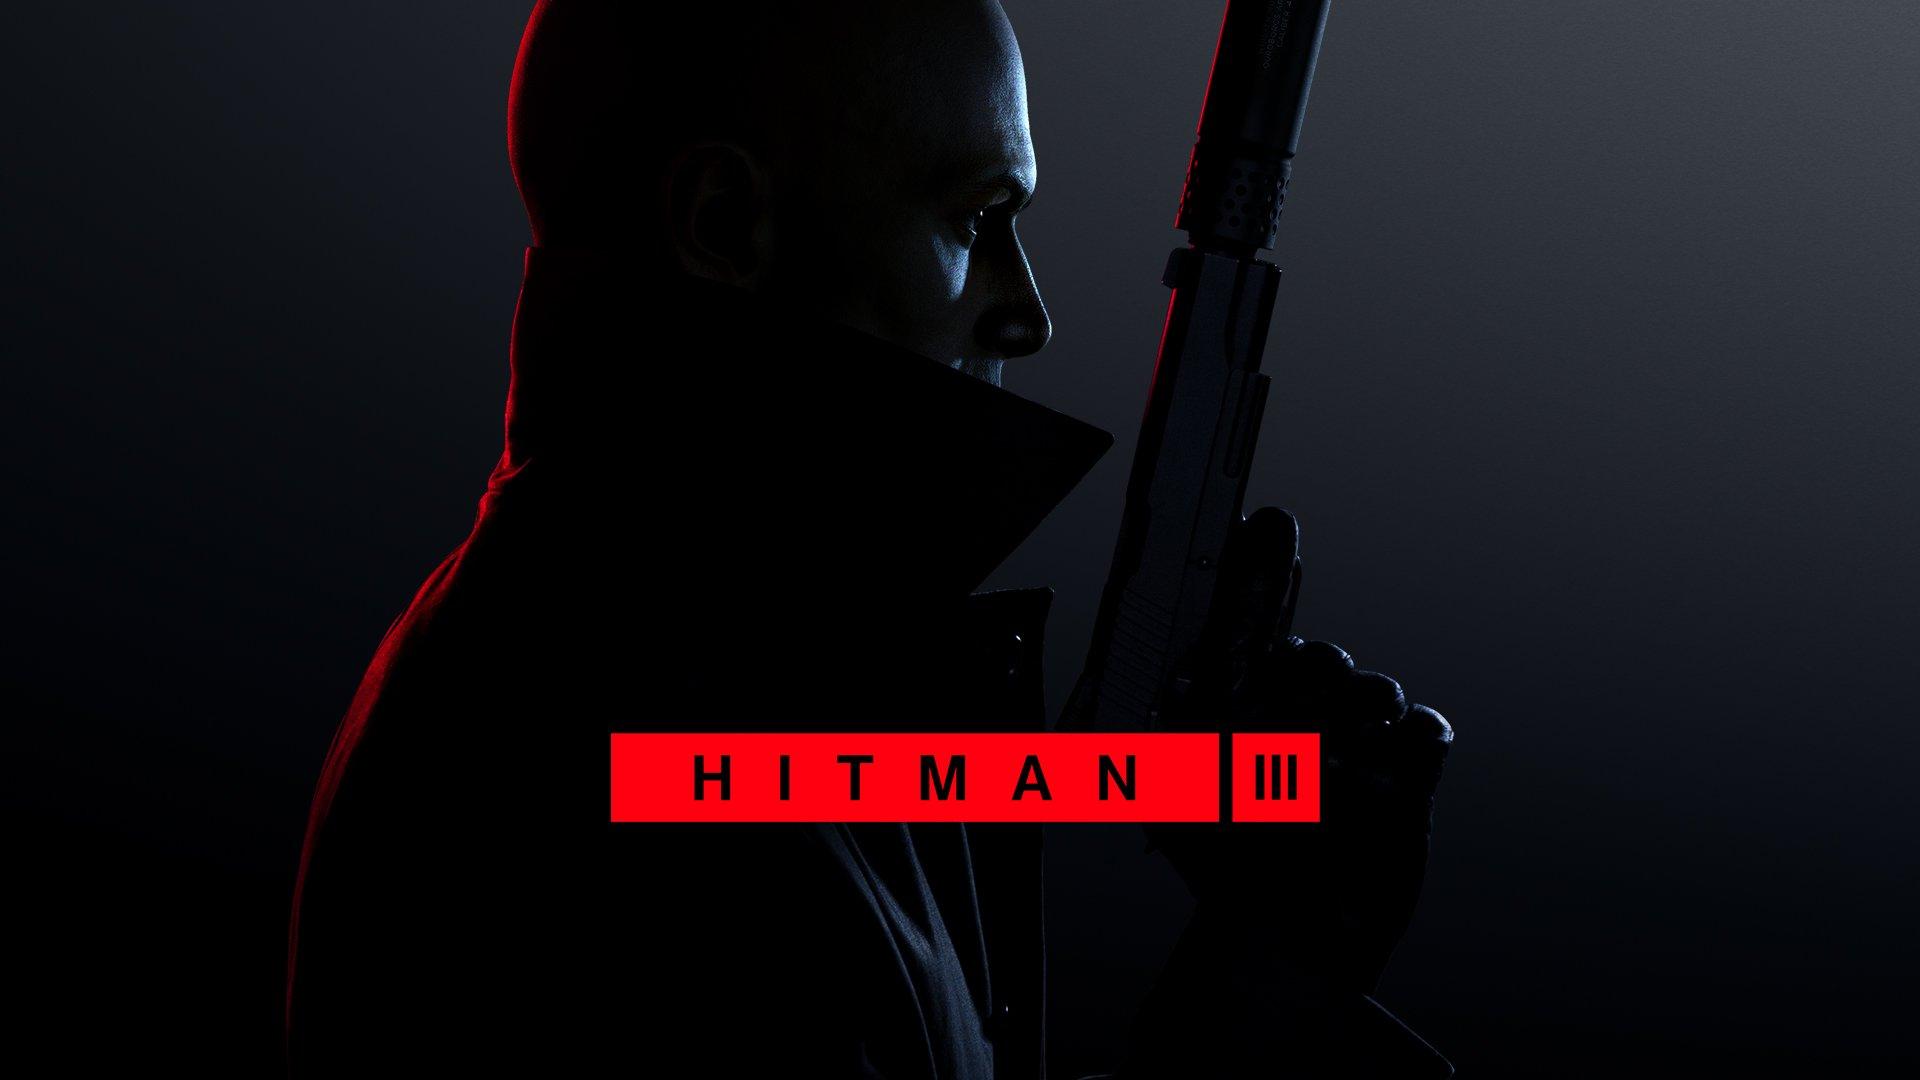 تاریخ انتشار نسخه نینتندو سوییچ بازی Hitman 3 اعلام شد